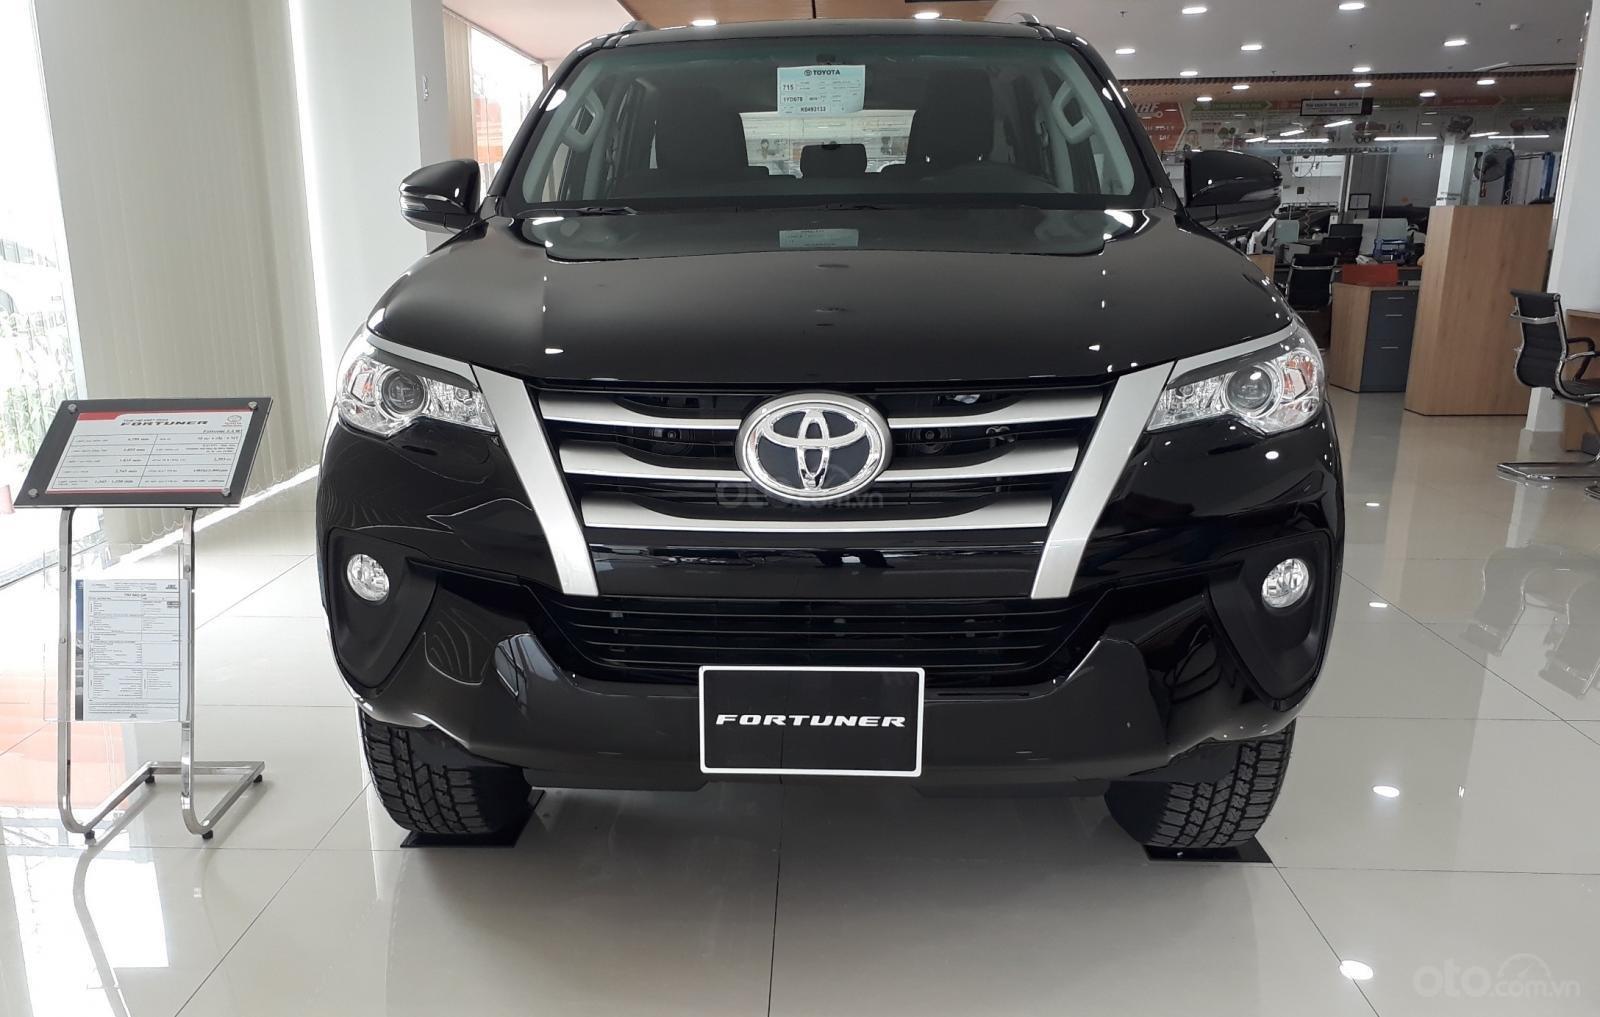 Bán Toyota Fortuner 2.4G số sàn 2019, đưa trước 300tr giao ngay, xe có sẵn DVD 7inch, camera de (1)